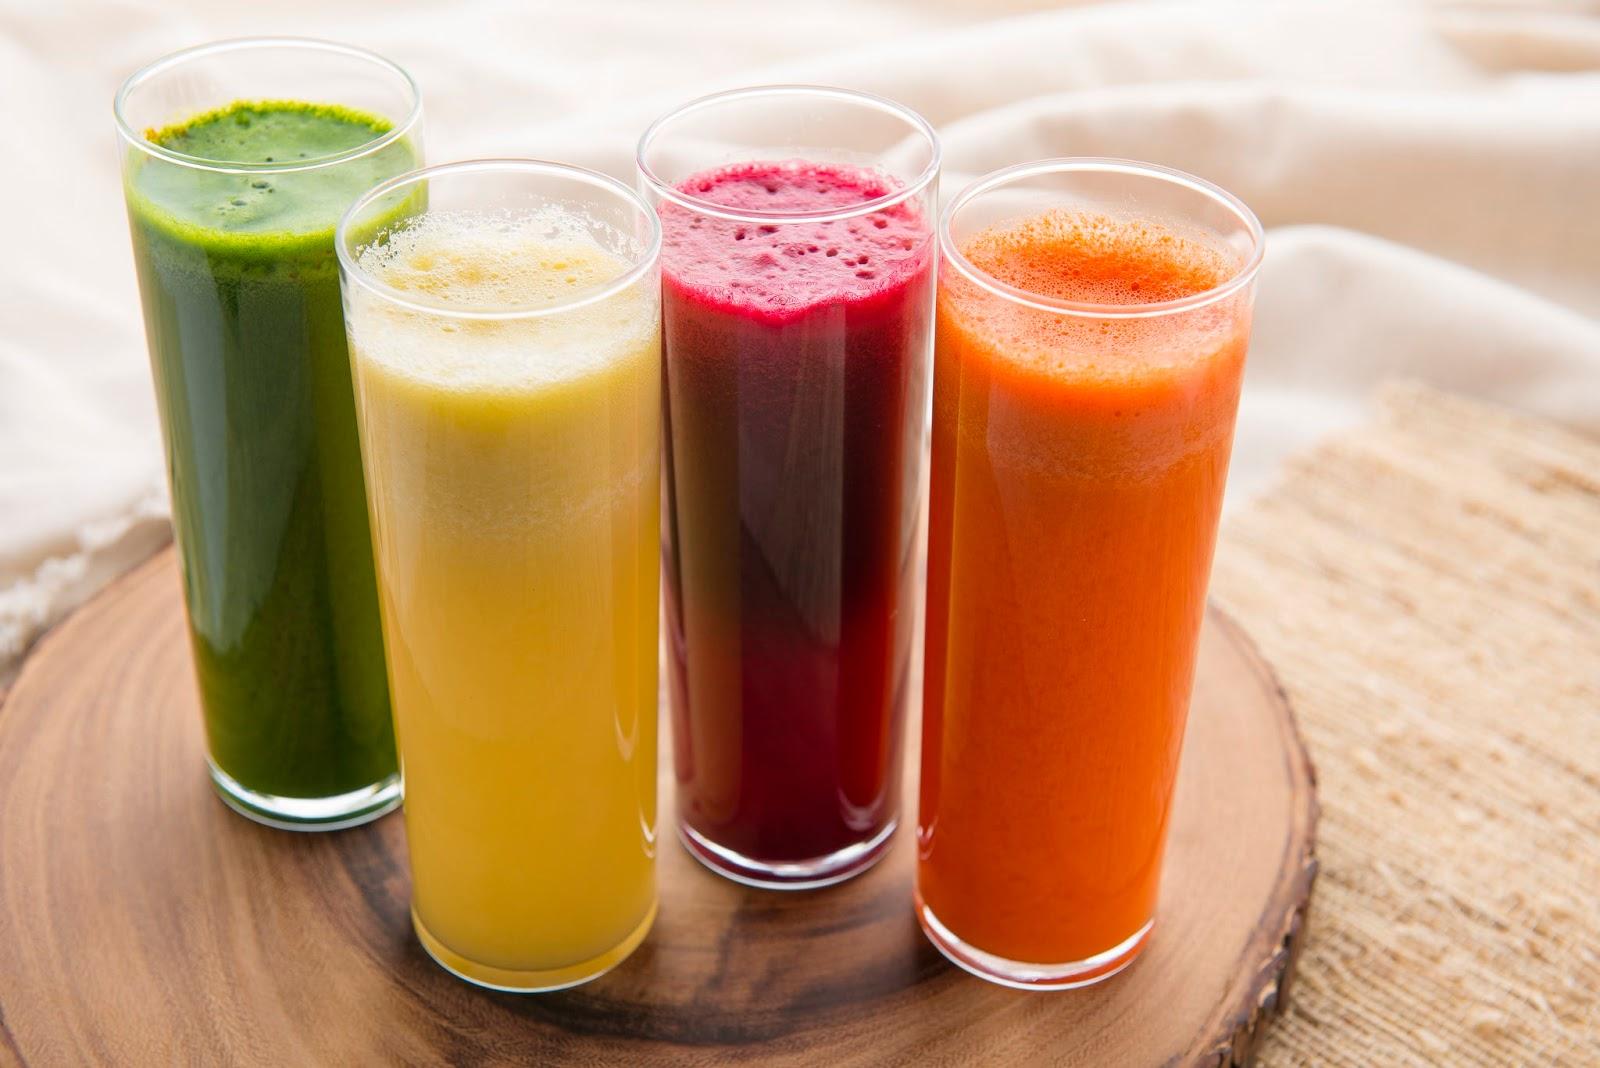 Zdravo i ukusno: Smuti od mrkve, jabuke i đumbira